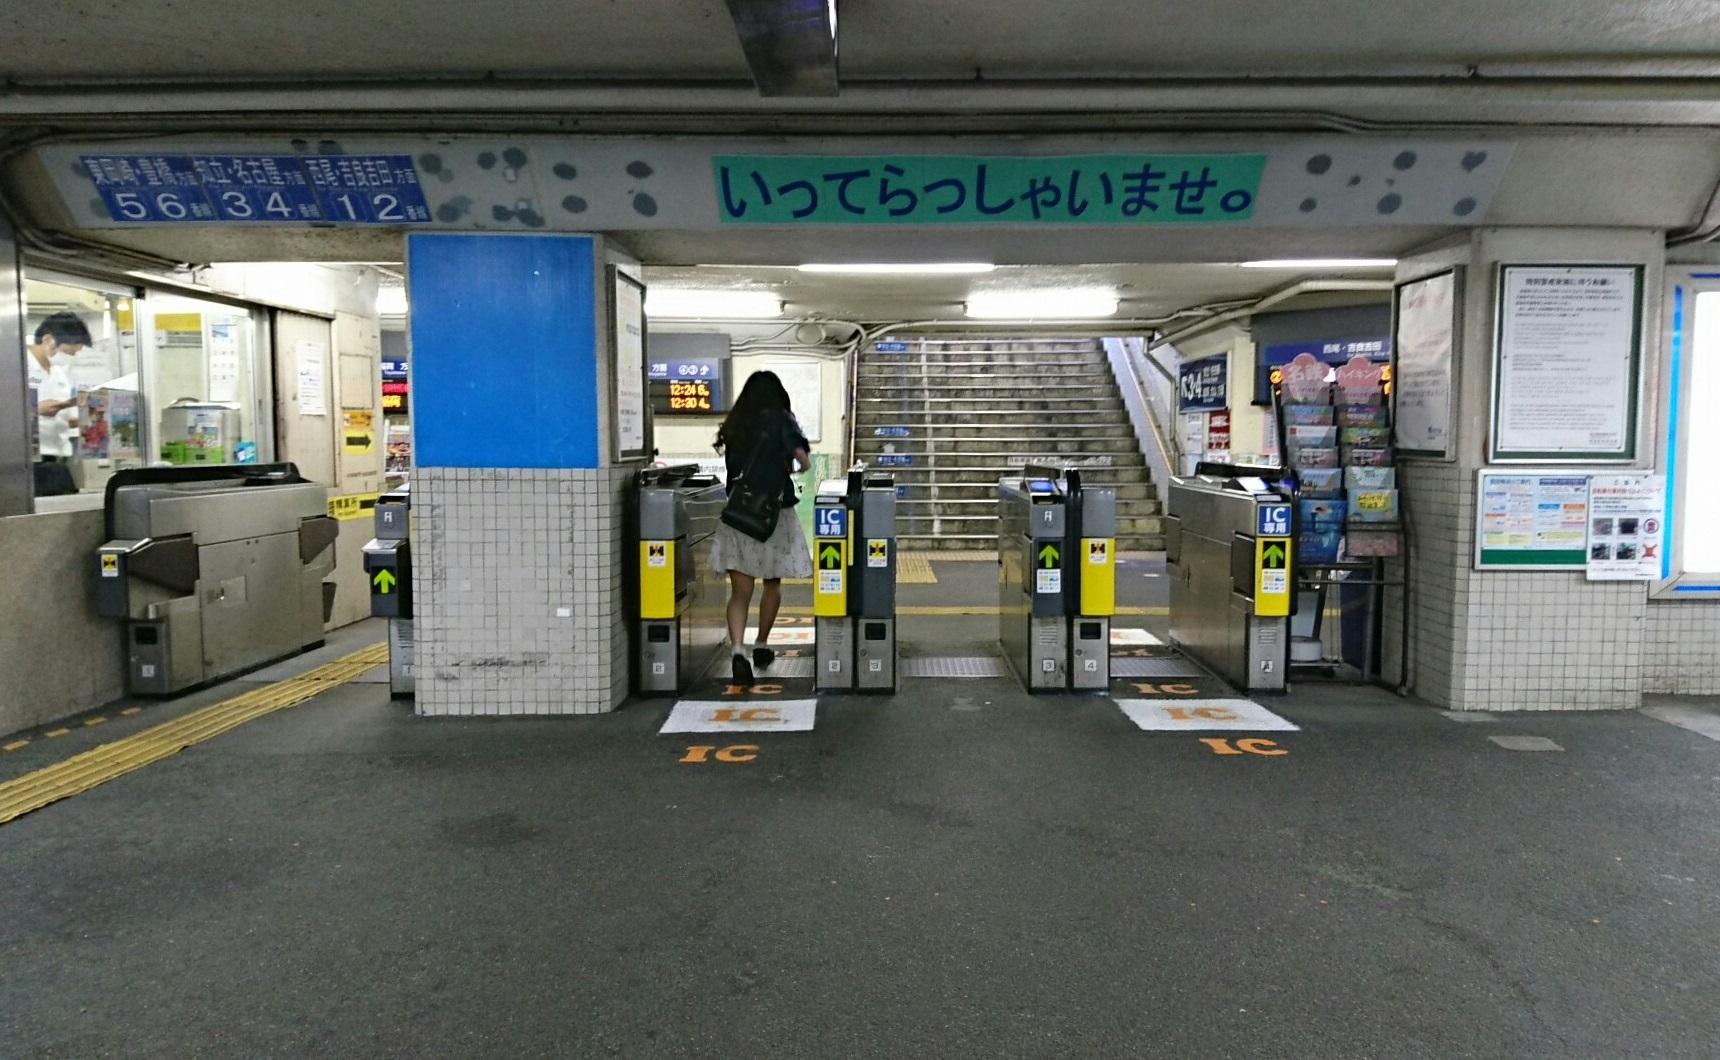 2018.5.24 (10) しんあんじょう - かいさつ 1720-1060